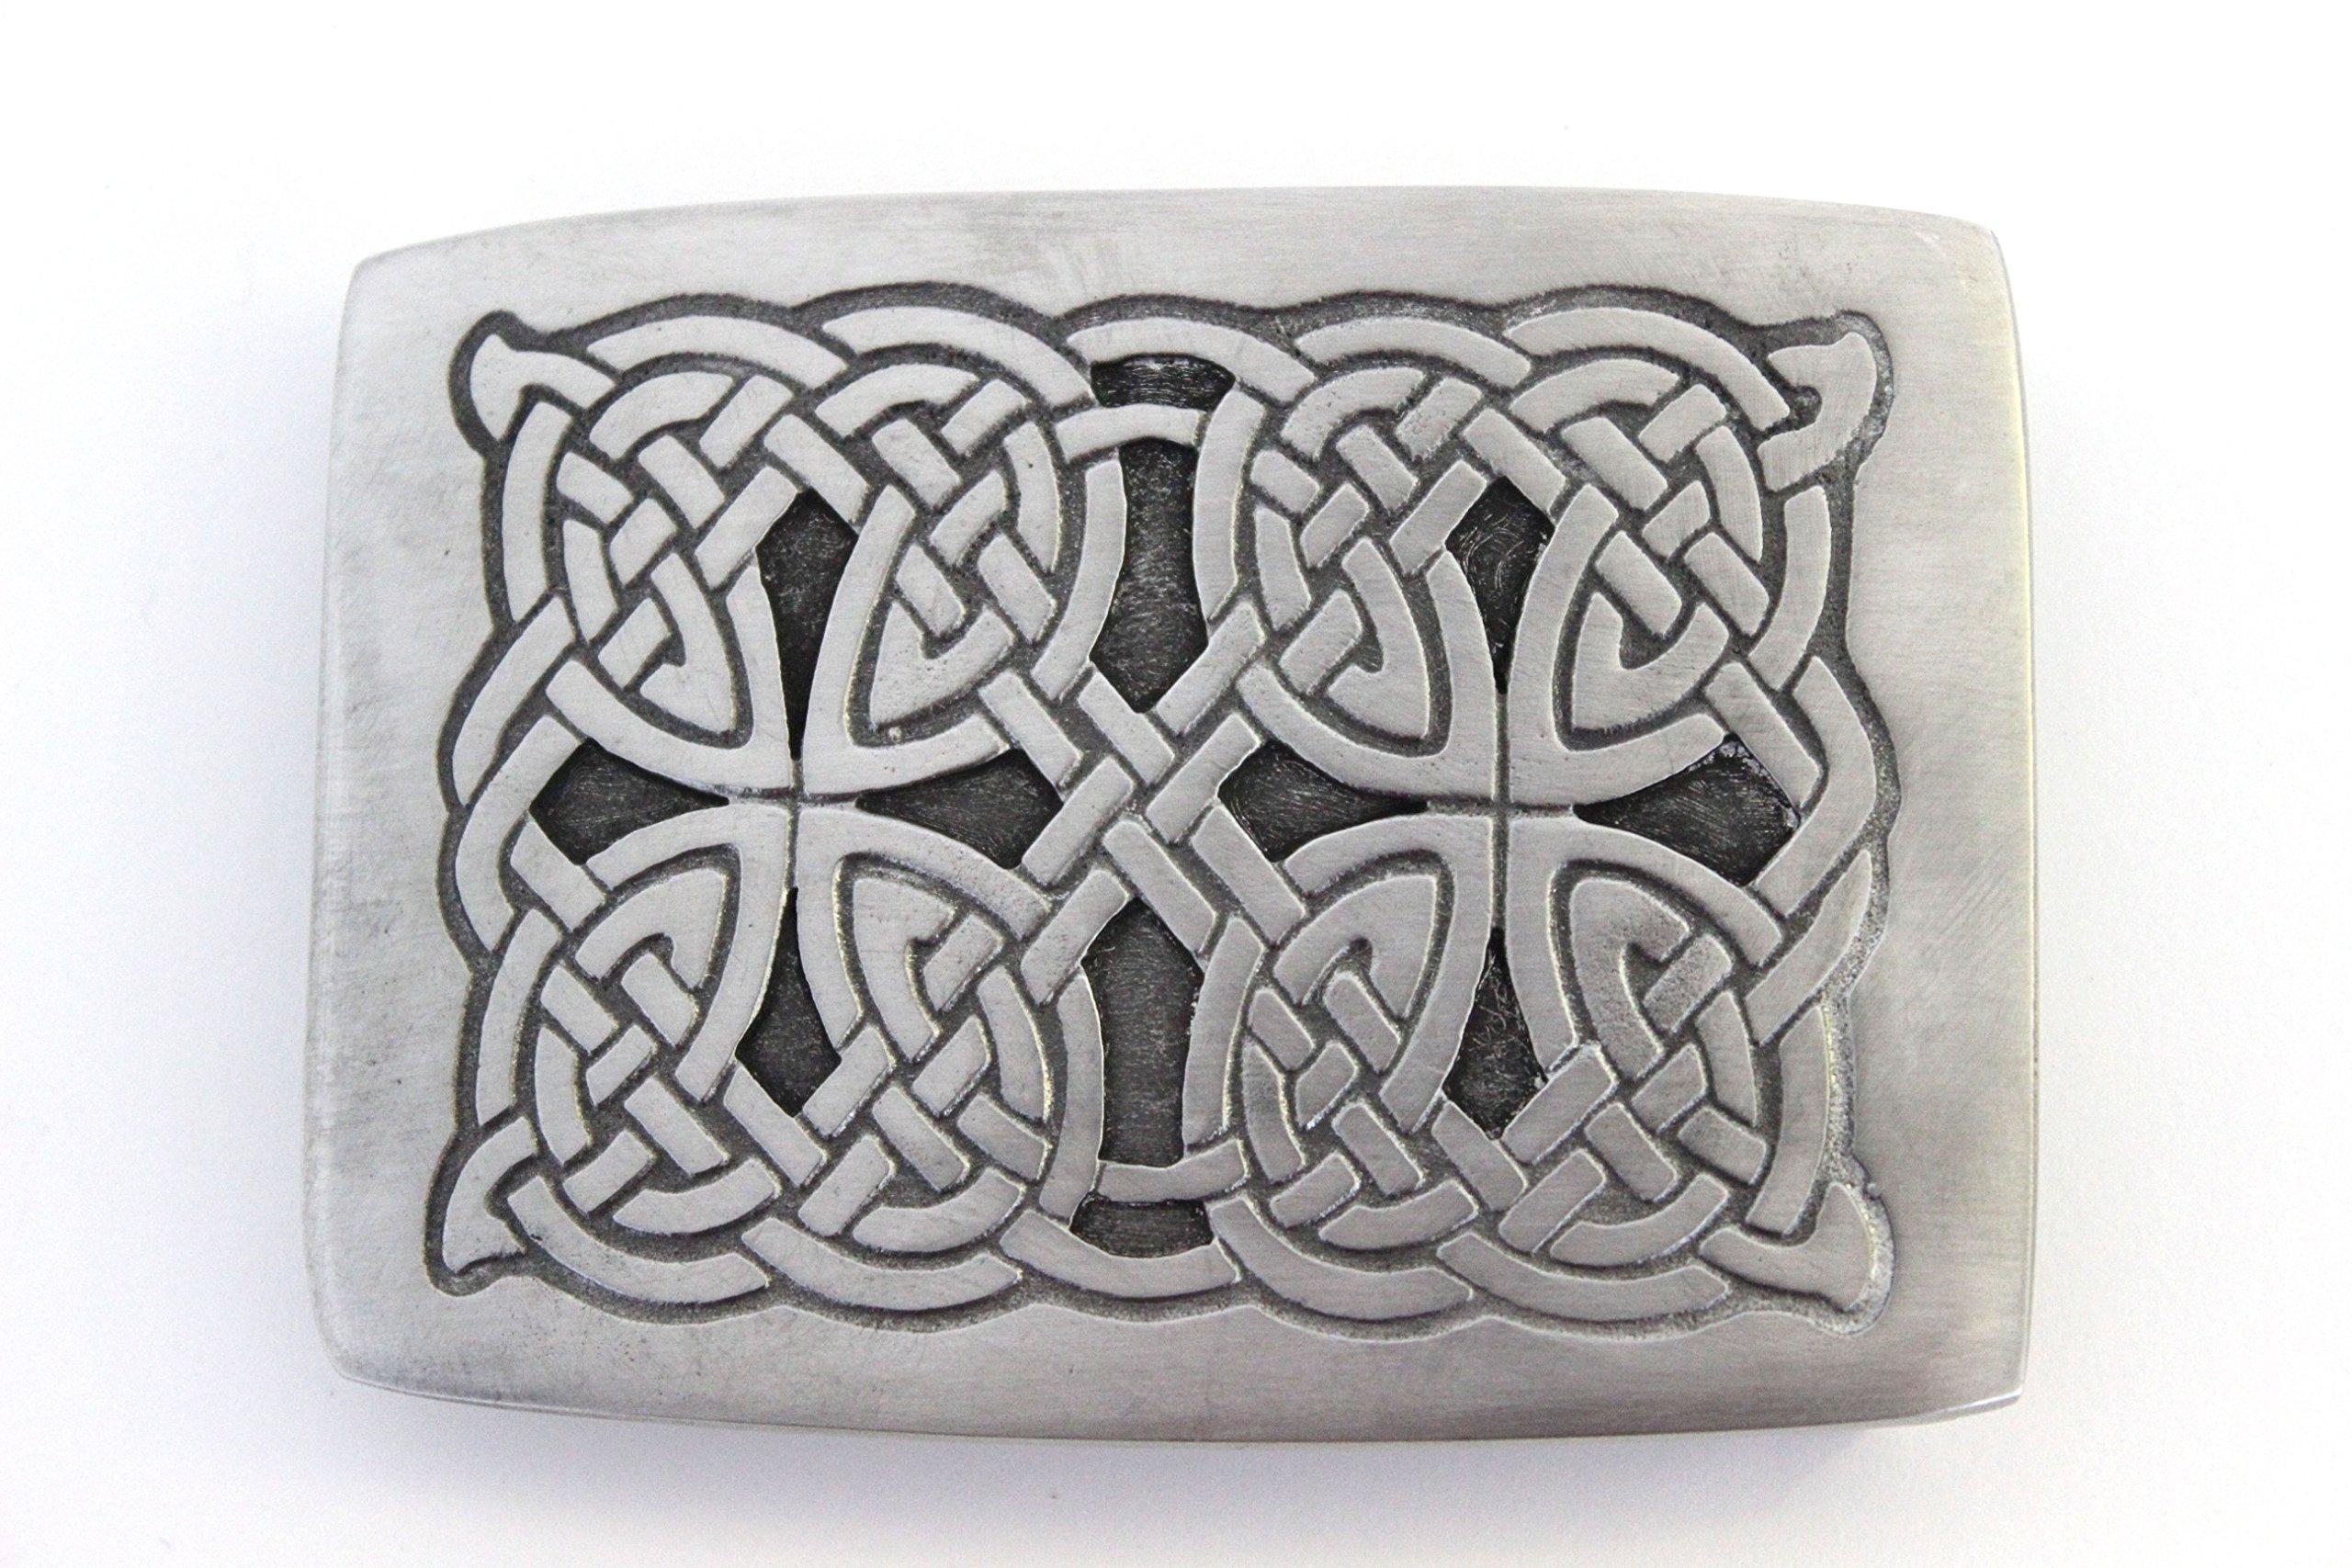 Brushed Pewter Celtic interlace Eternal Knot Work Belt Kilt Buckle - Made In Scotland